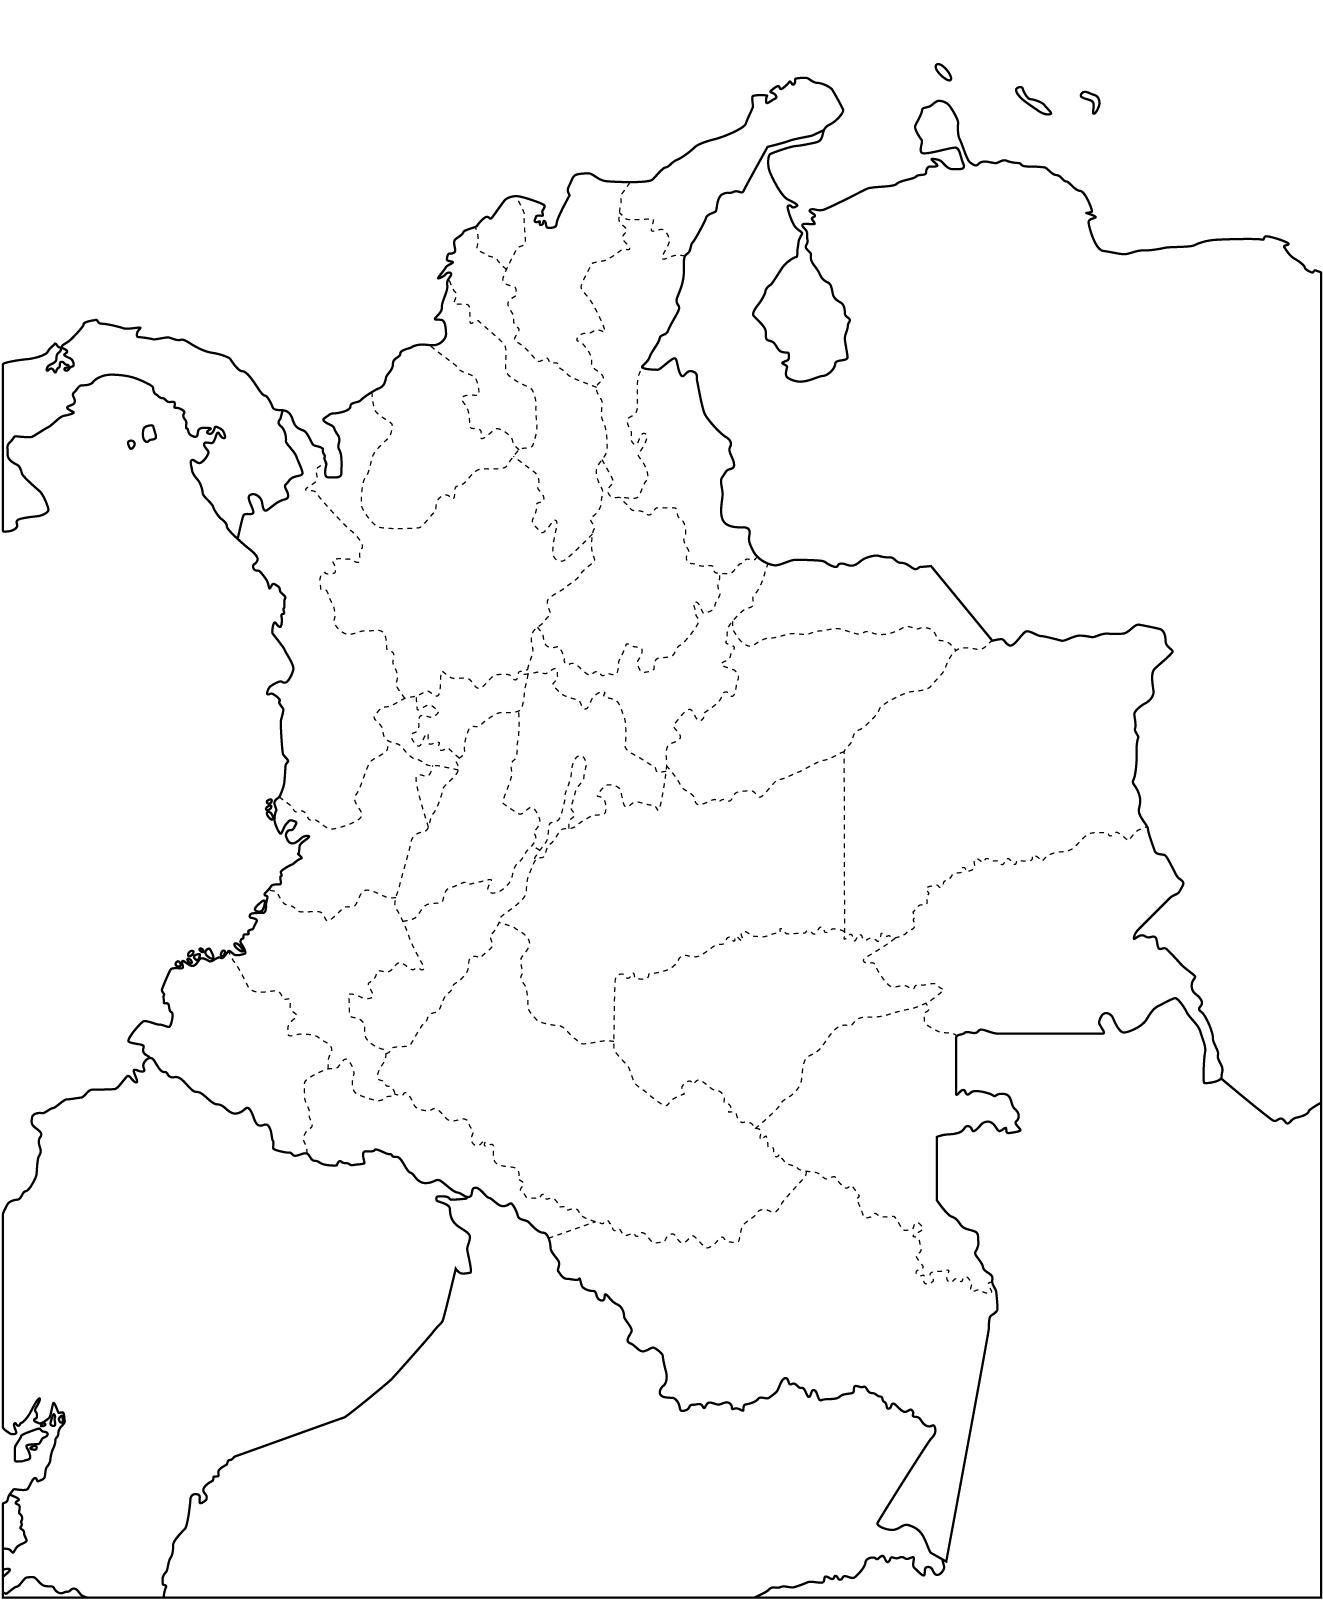 Mapa mudo de departamentos de Colombia. Freemap